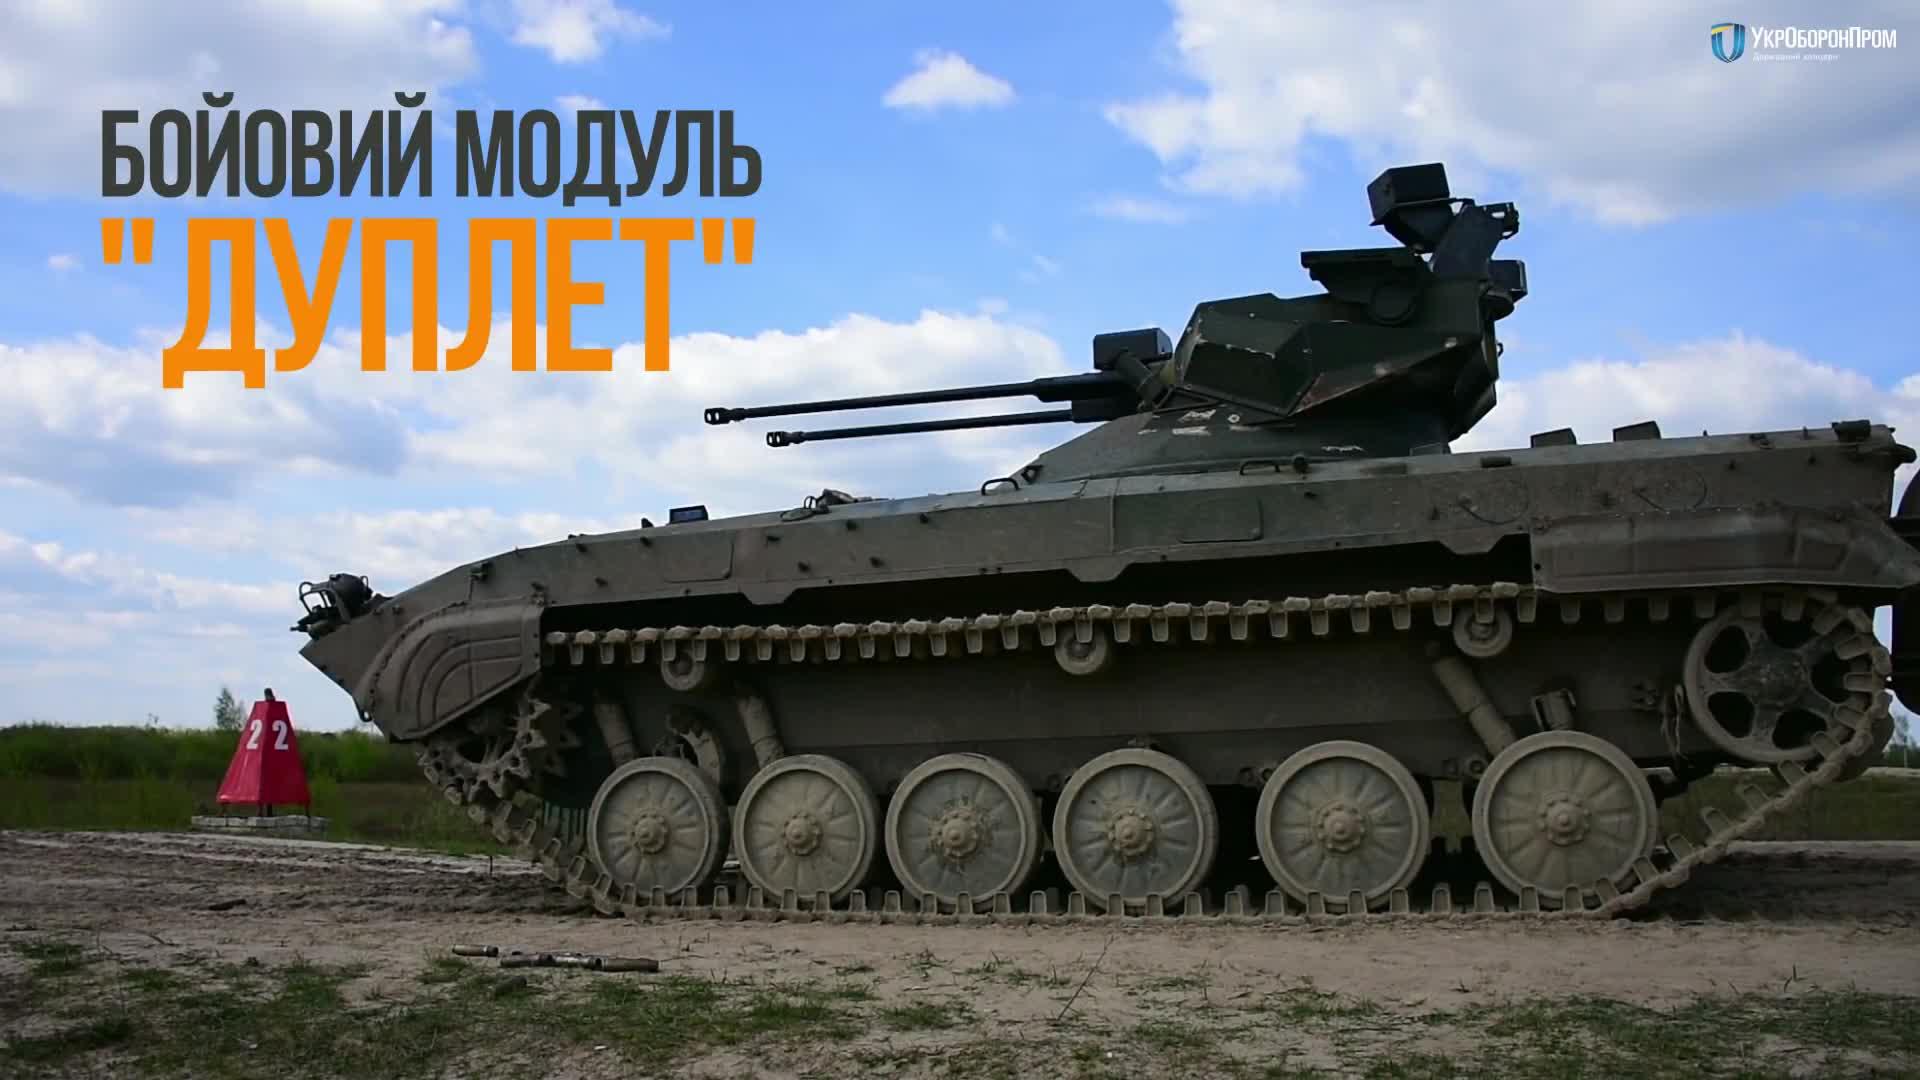 Xe chiến đấu hỗ trợ tăng BMPT Duplet do Ukraine chế tạo